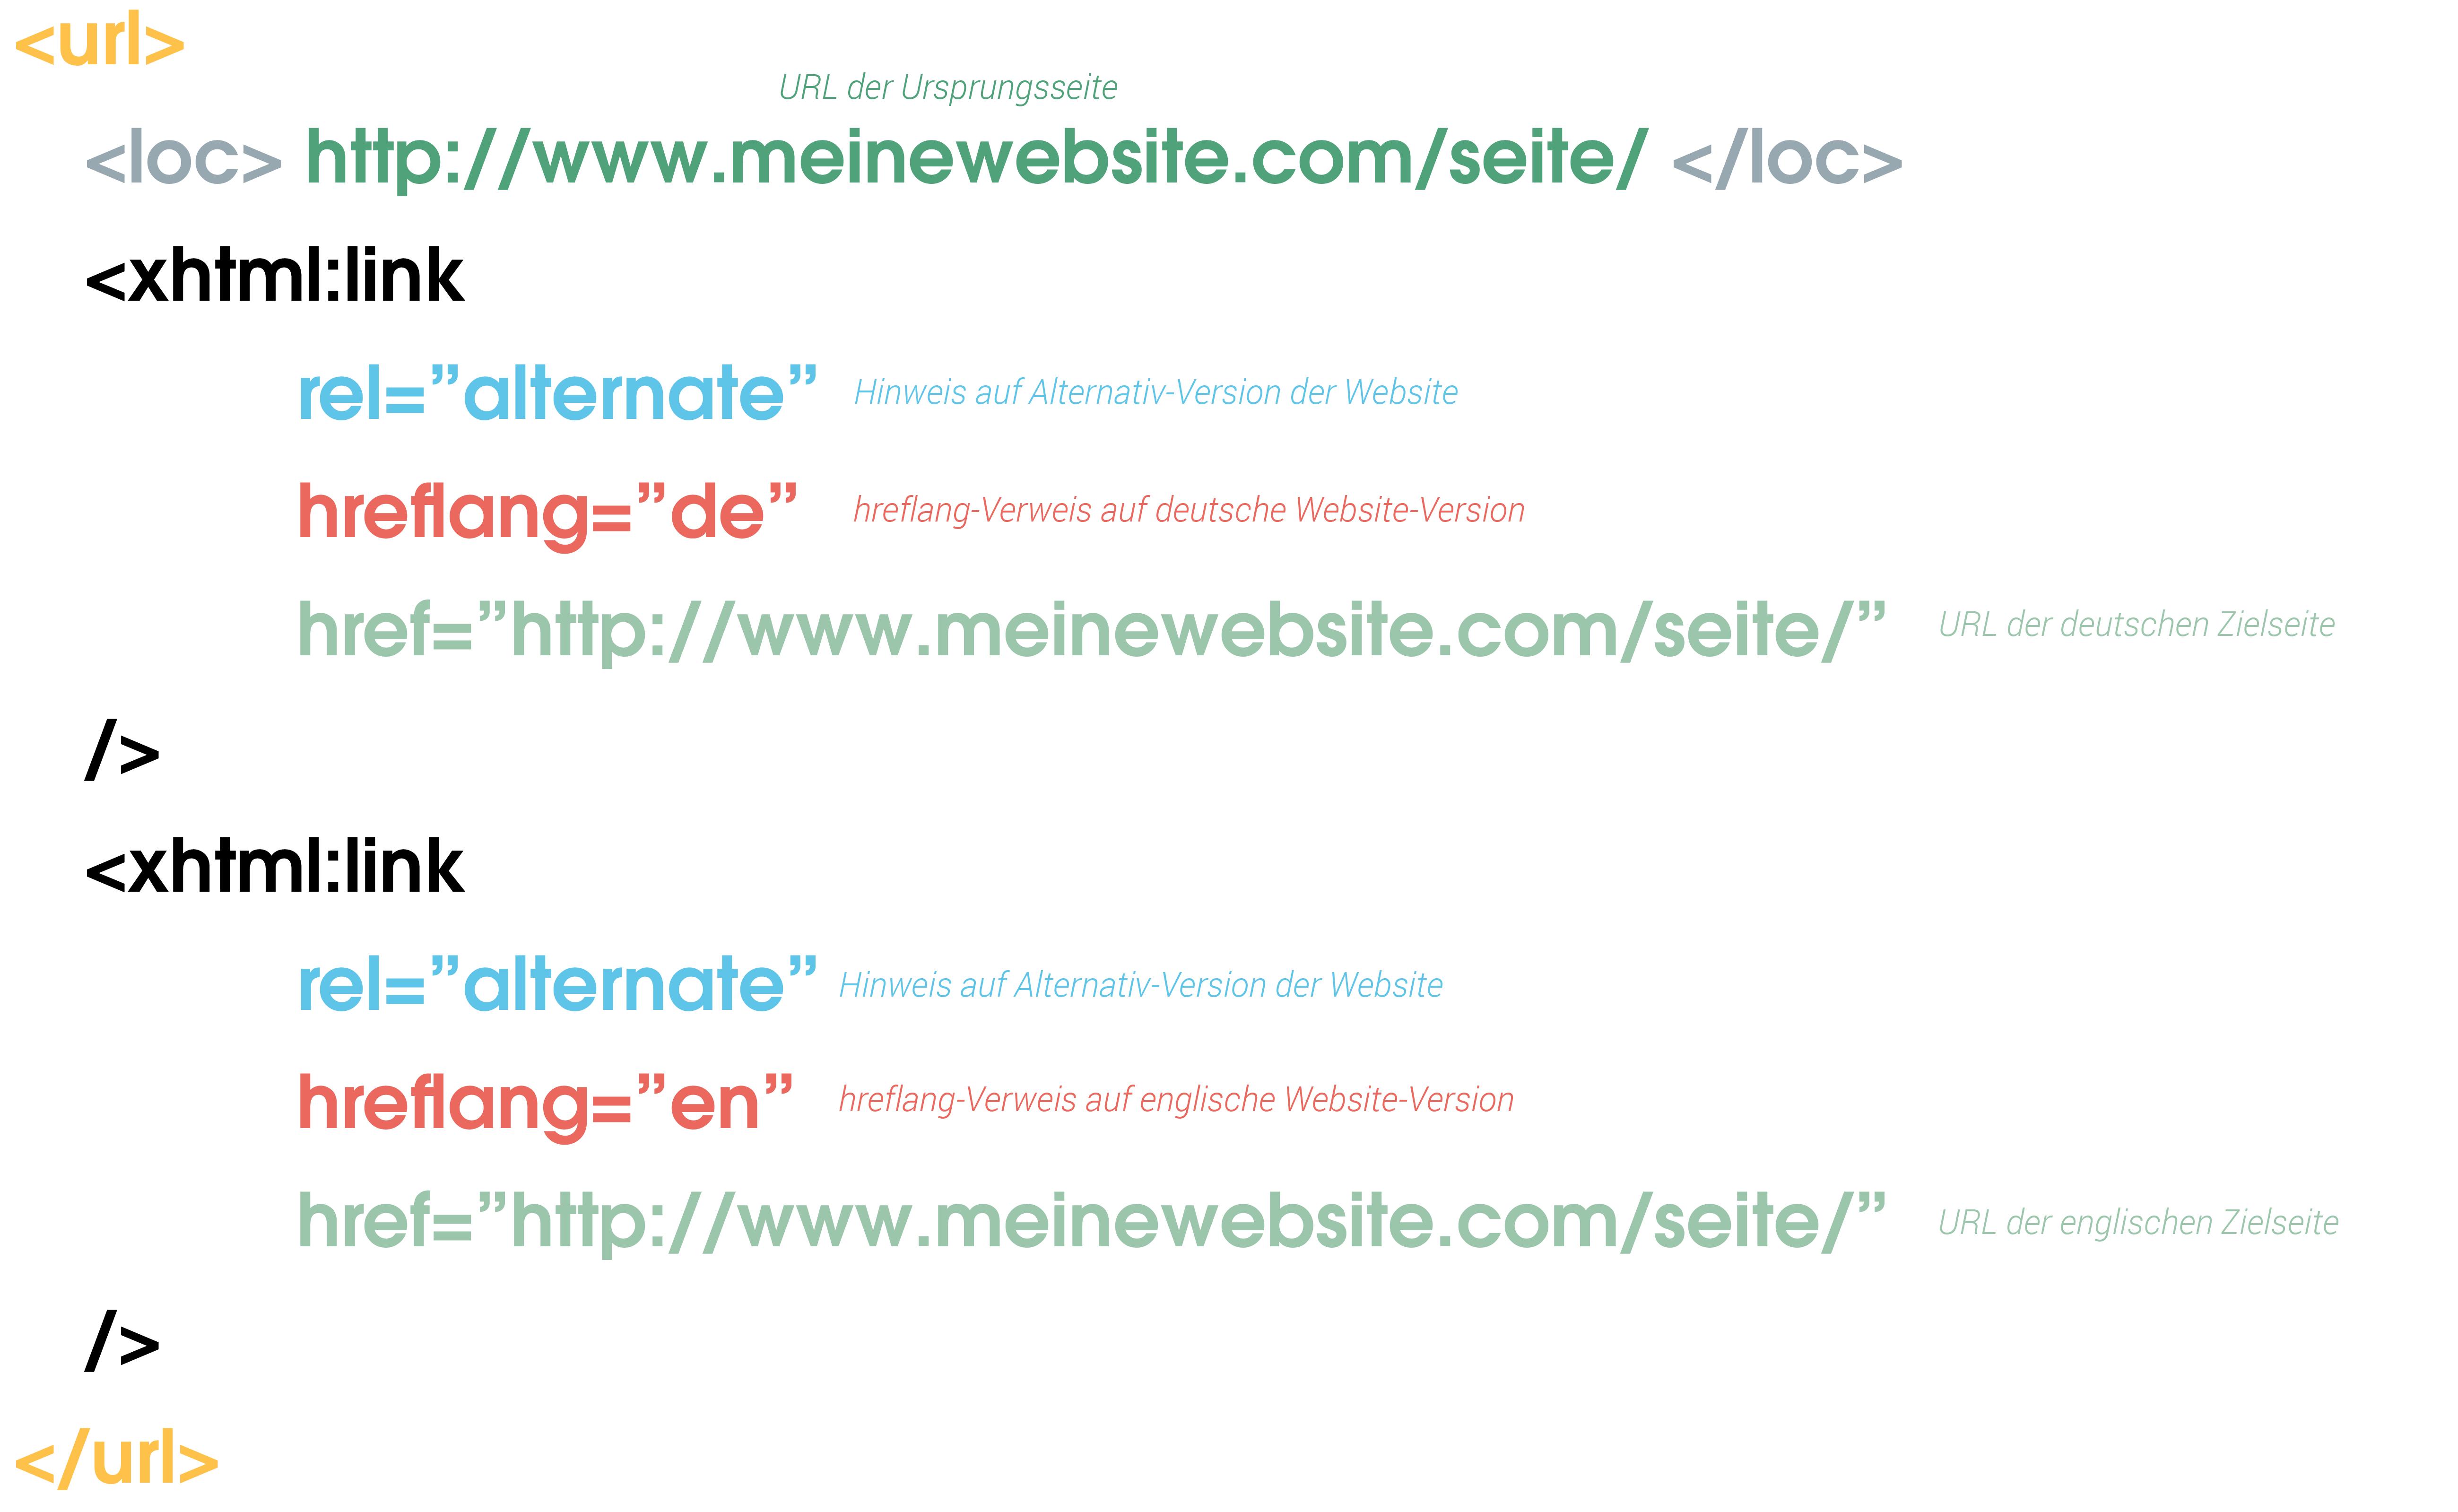 Das Bild zeigt den Ausschnitt einer XML-Sitemap, welche hreflang-Informationen beinhaltet.